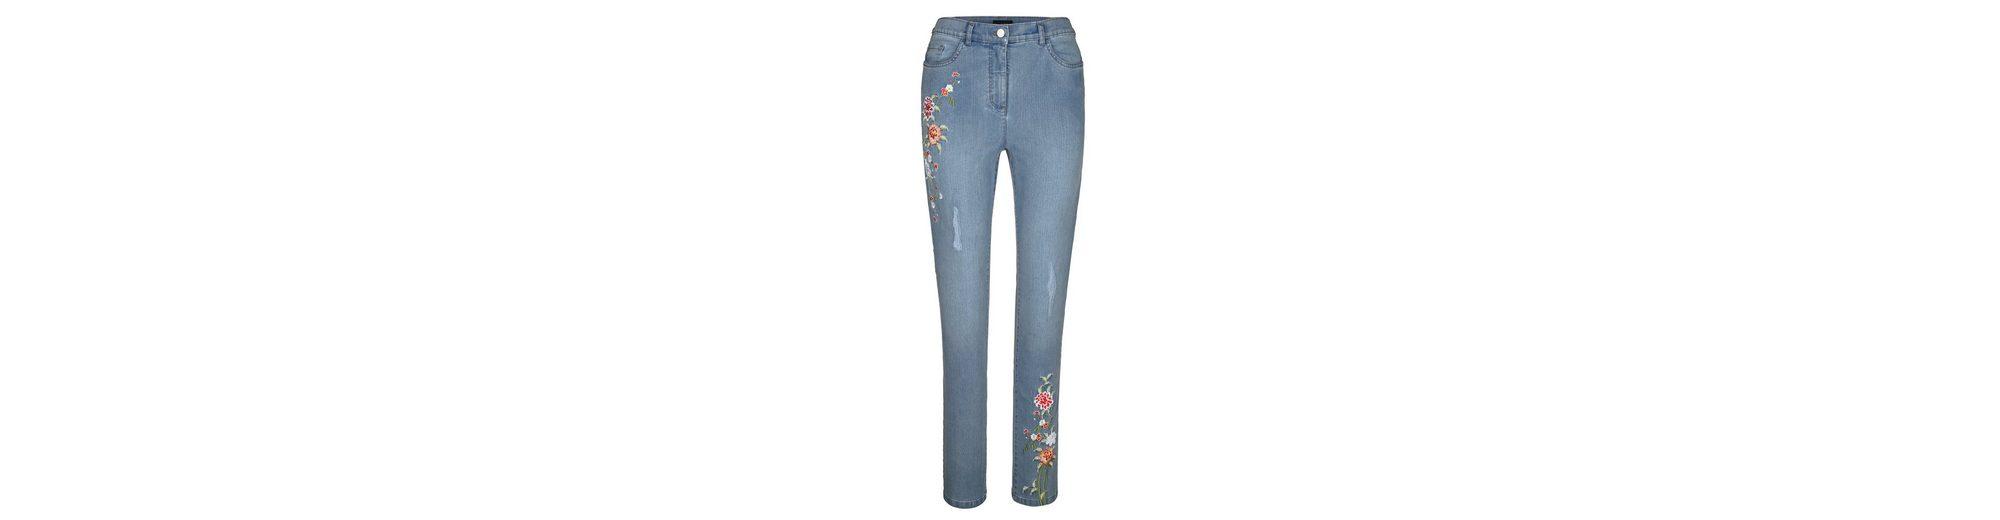 Erstaunlicher Preis Verkauf Online Verkauf 100% Original MIAMODA Jeans mit Blumenstickereien Große Überraschung Günstiger Preis 5ZARQdK